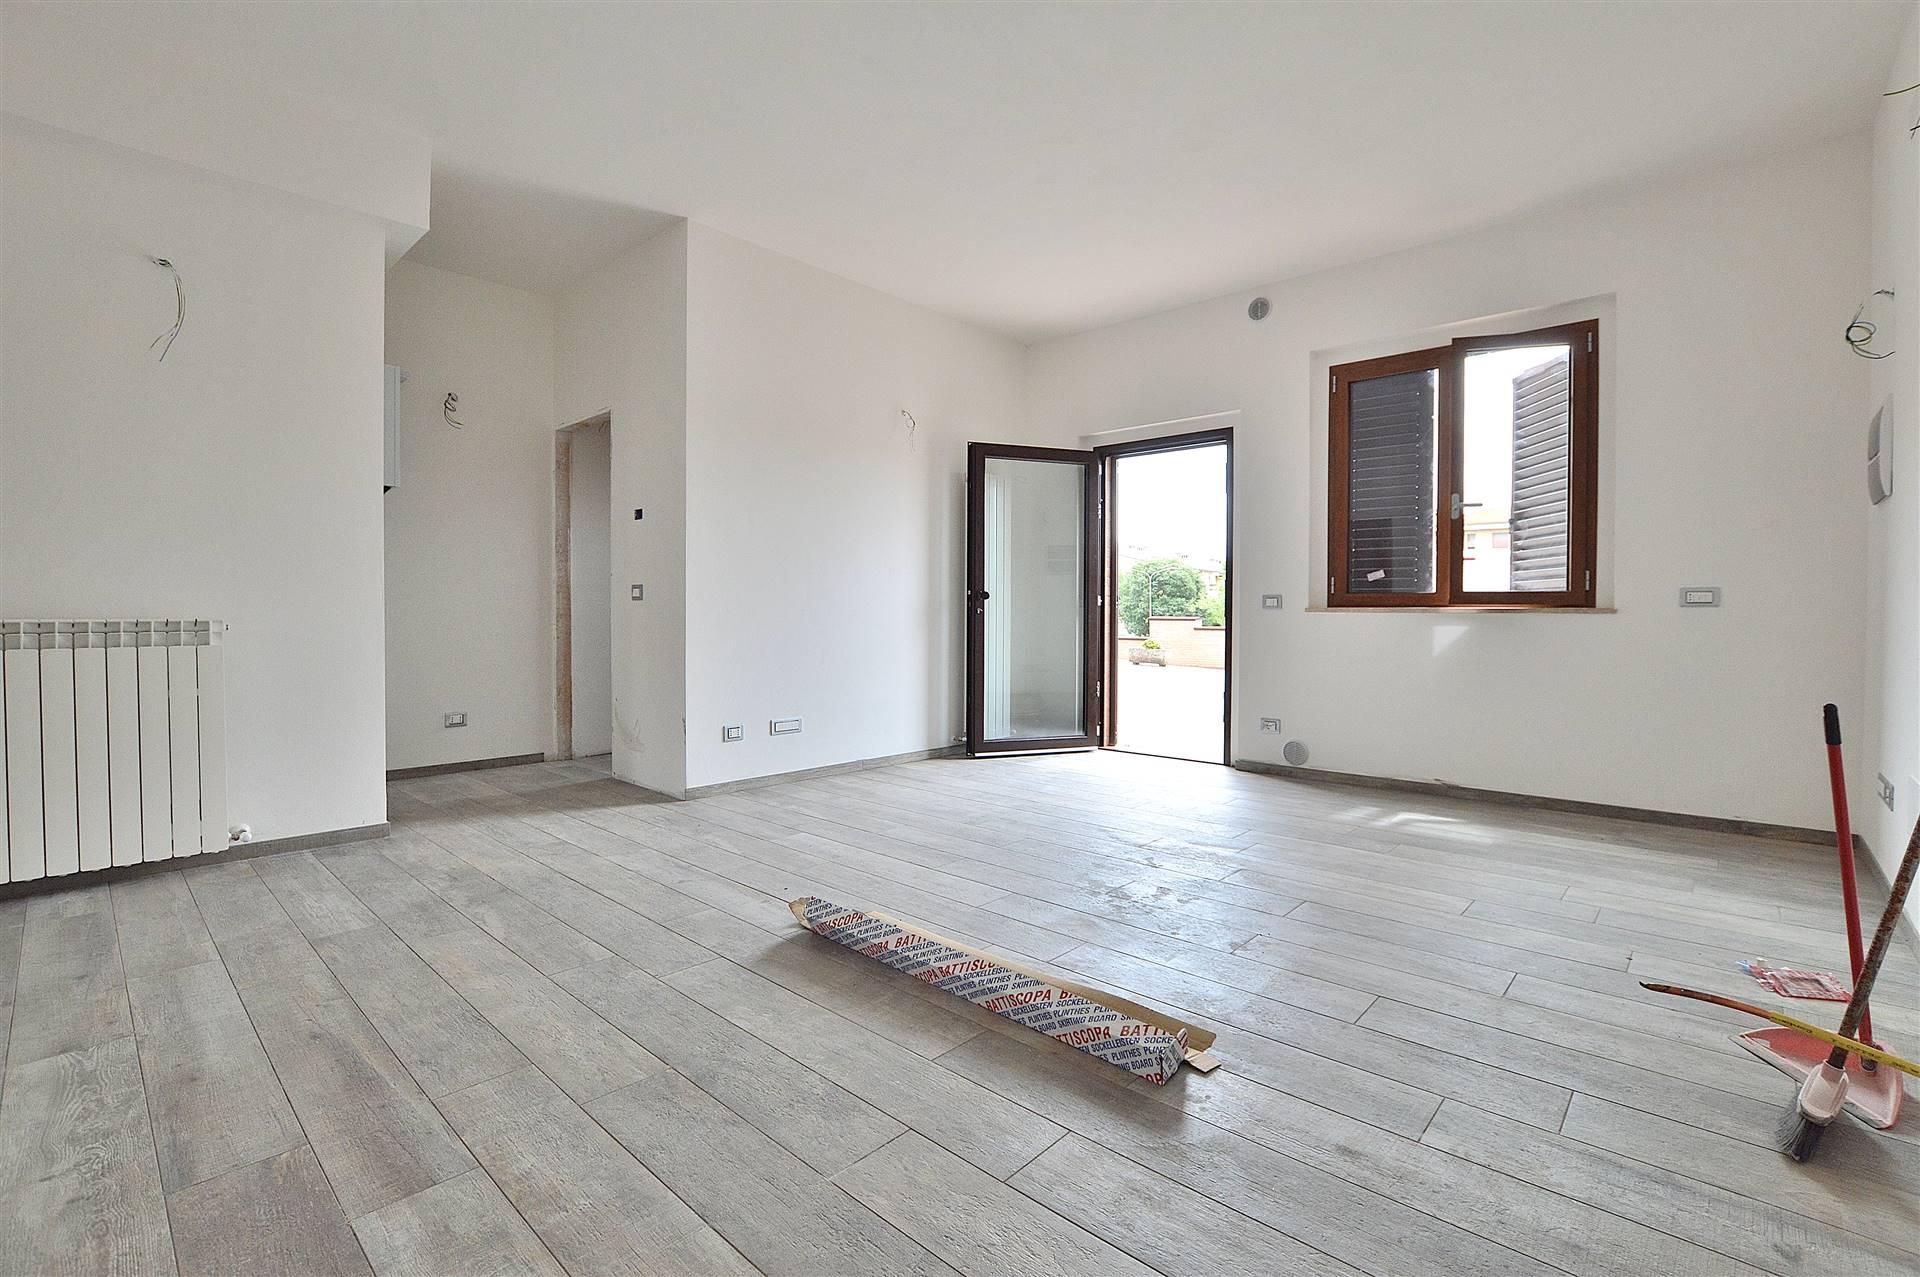 Ponte a Tressa, in piacevole contesto residenziale, proponiamo grazioso e ampio bilocale posto al piano terra di una piacevole palazzina in mattoni faccia vista di recente costruzione. L'immobile si